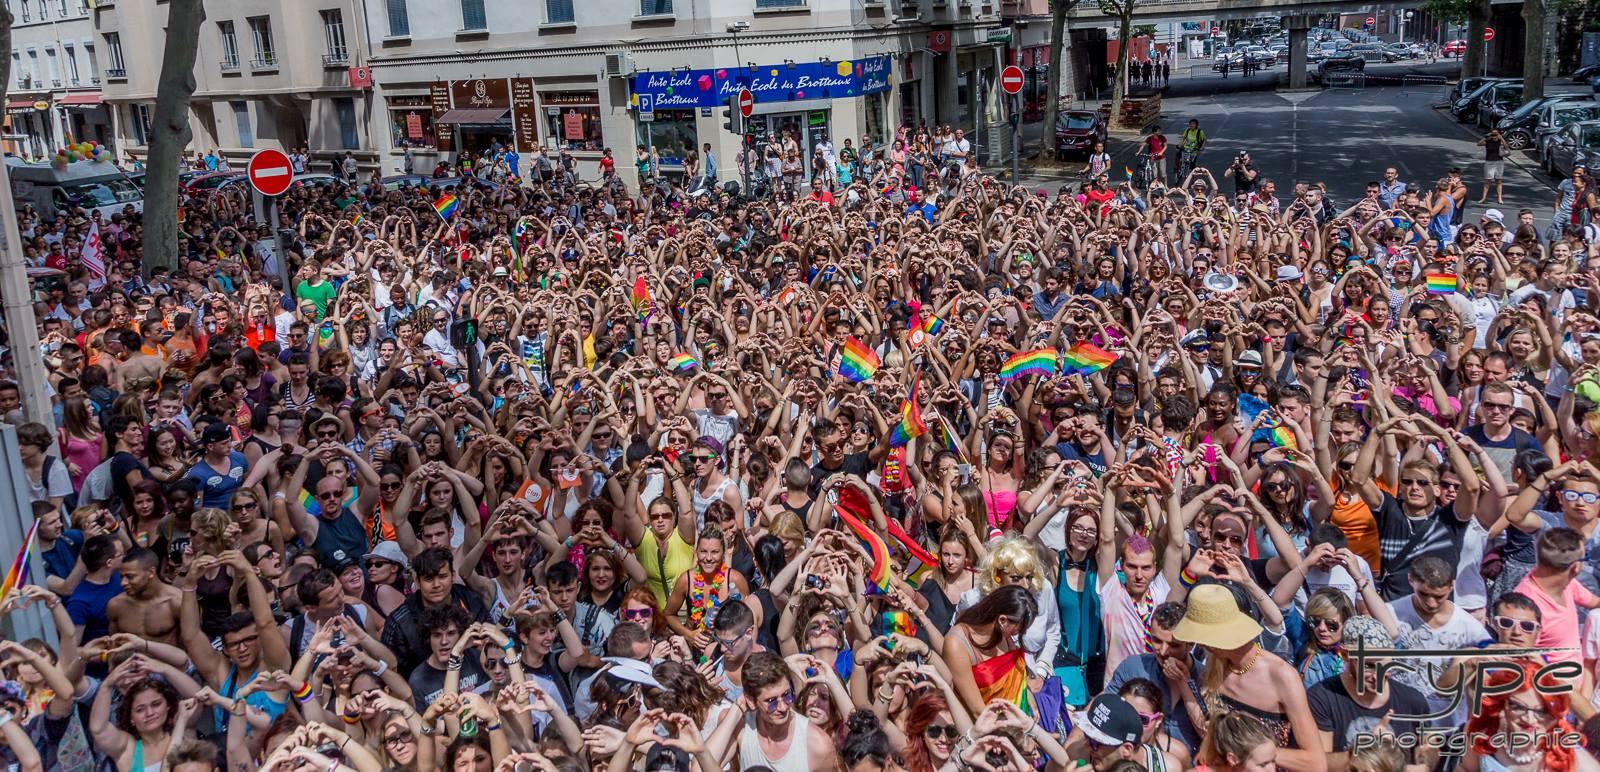 Gay Pride 2014 @ Lyon - Trype: https://trype.fr/gay-pride-2014-lyon